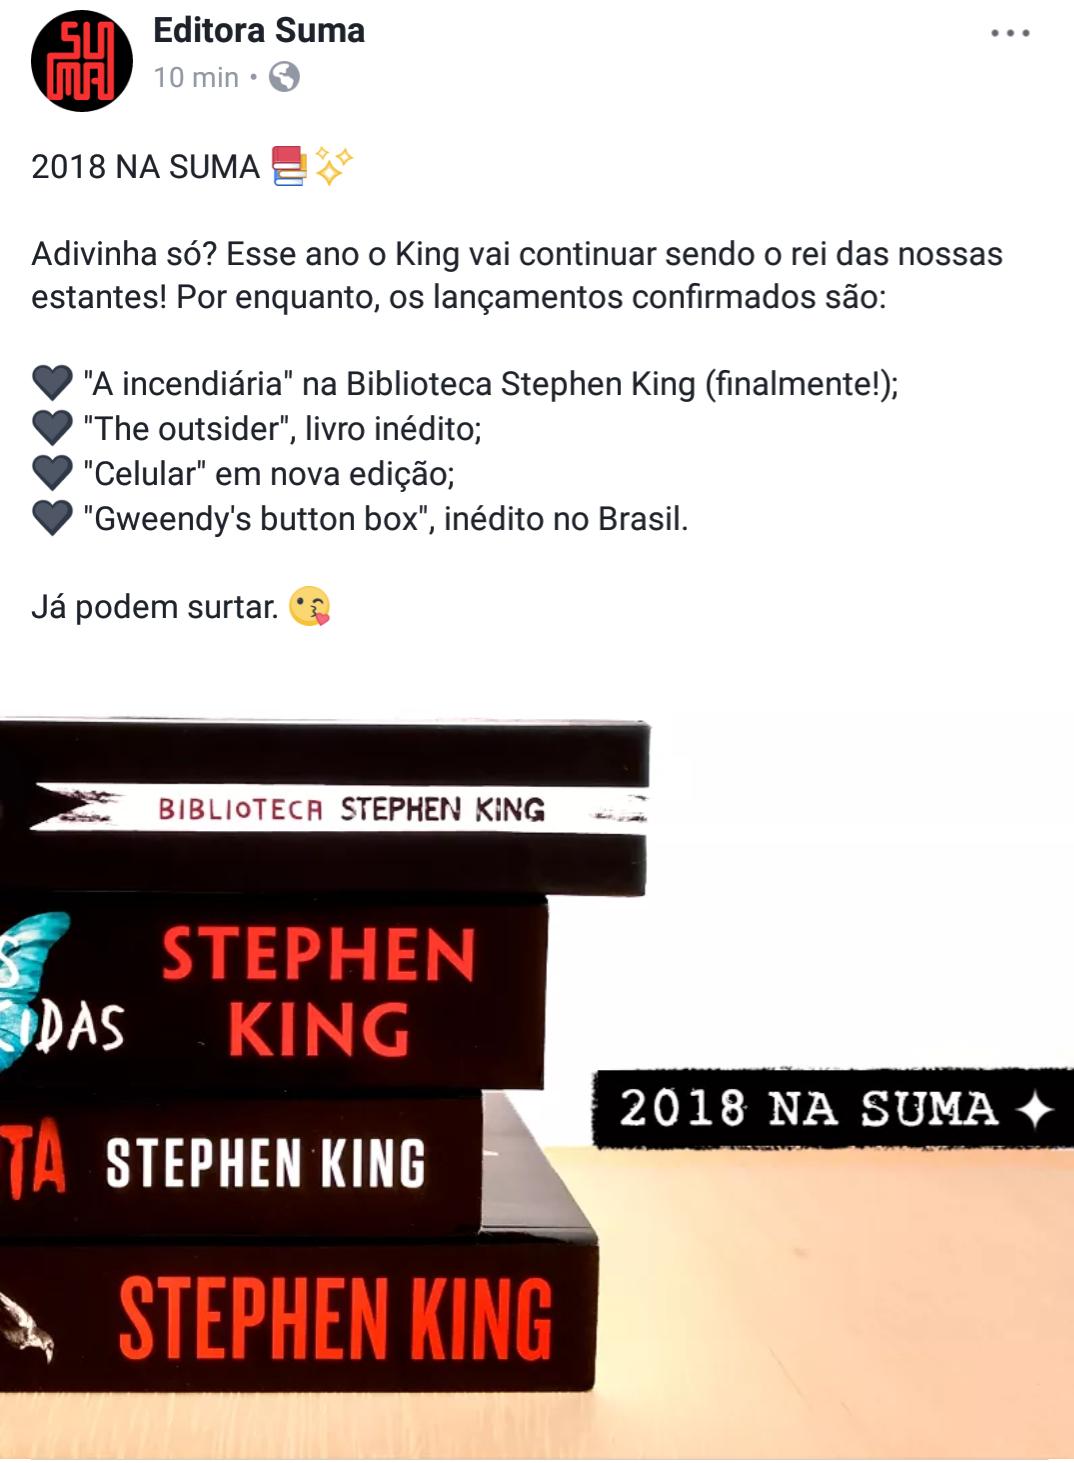 Editora publicou em sua redes sociais os lançamentos de Stephen King para 2018. (Reprodução Facebook)